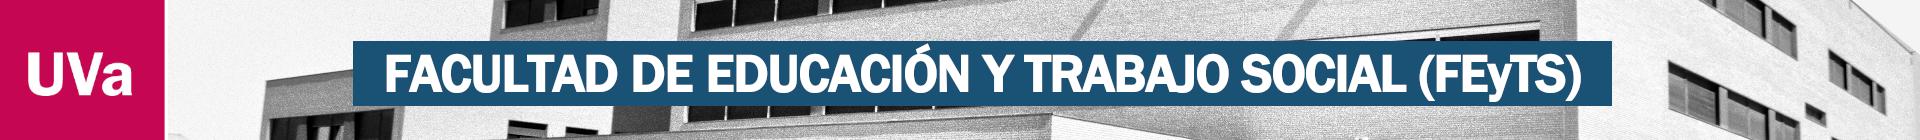 Facultad de Educación y Trabajo Social (FEyTS - UVa)